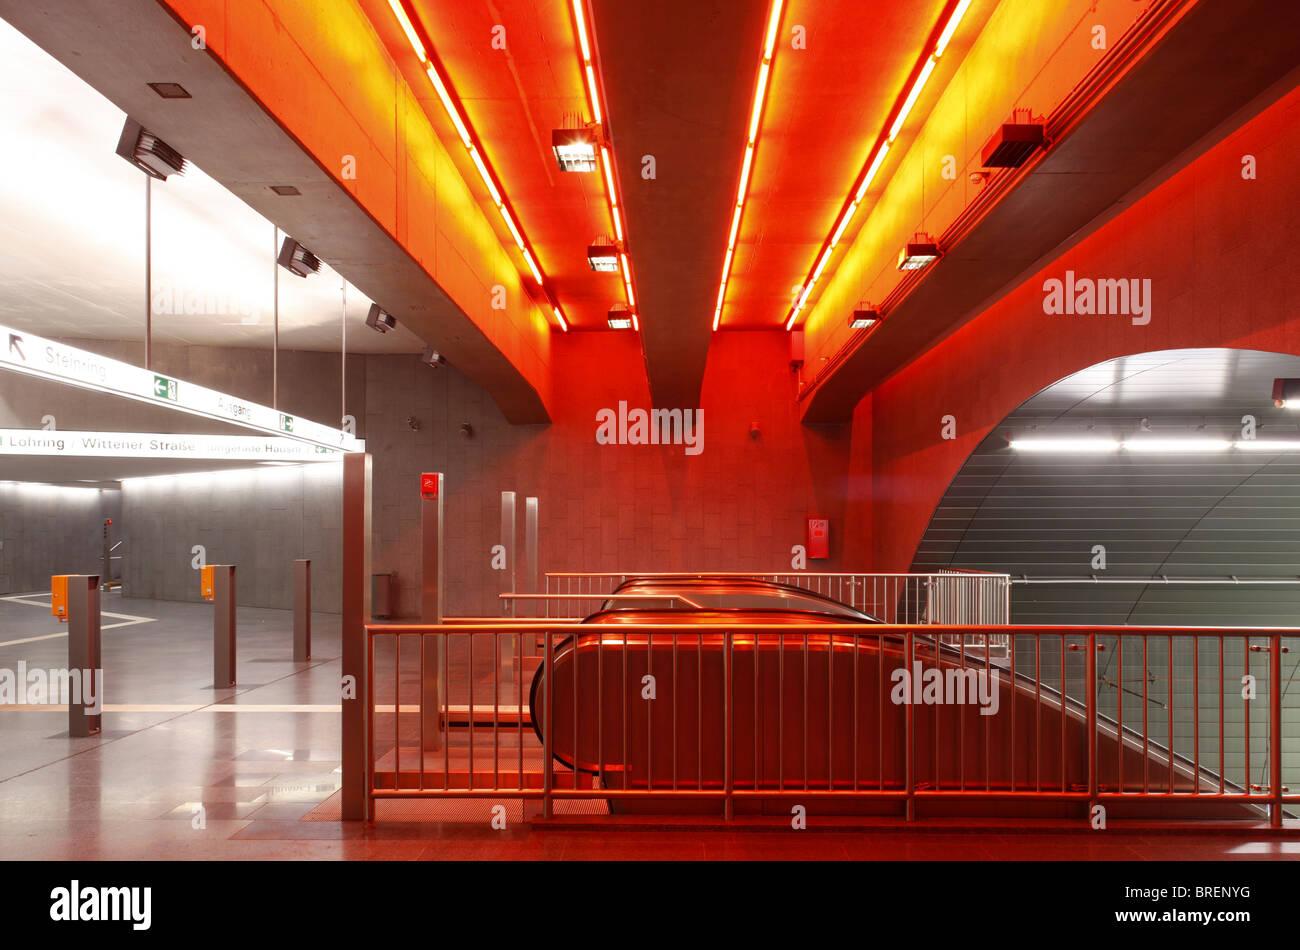 Lohring Underground Station, Bochum, North Rhine-Westphalia, Germany, Europe - Stock Image